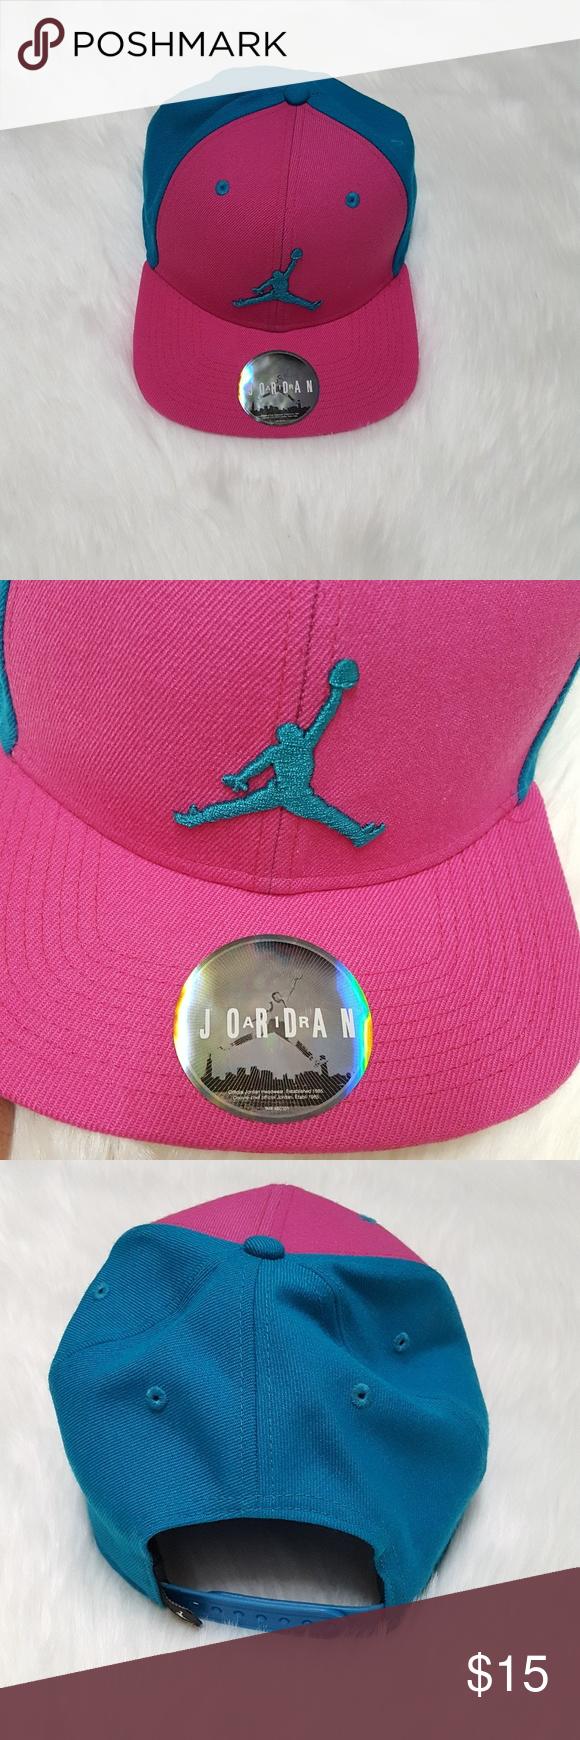 76eeb392cfd Jordan Jumpman